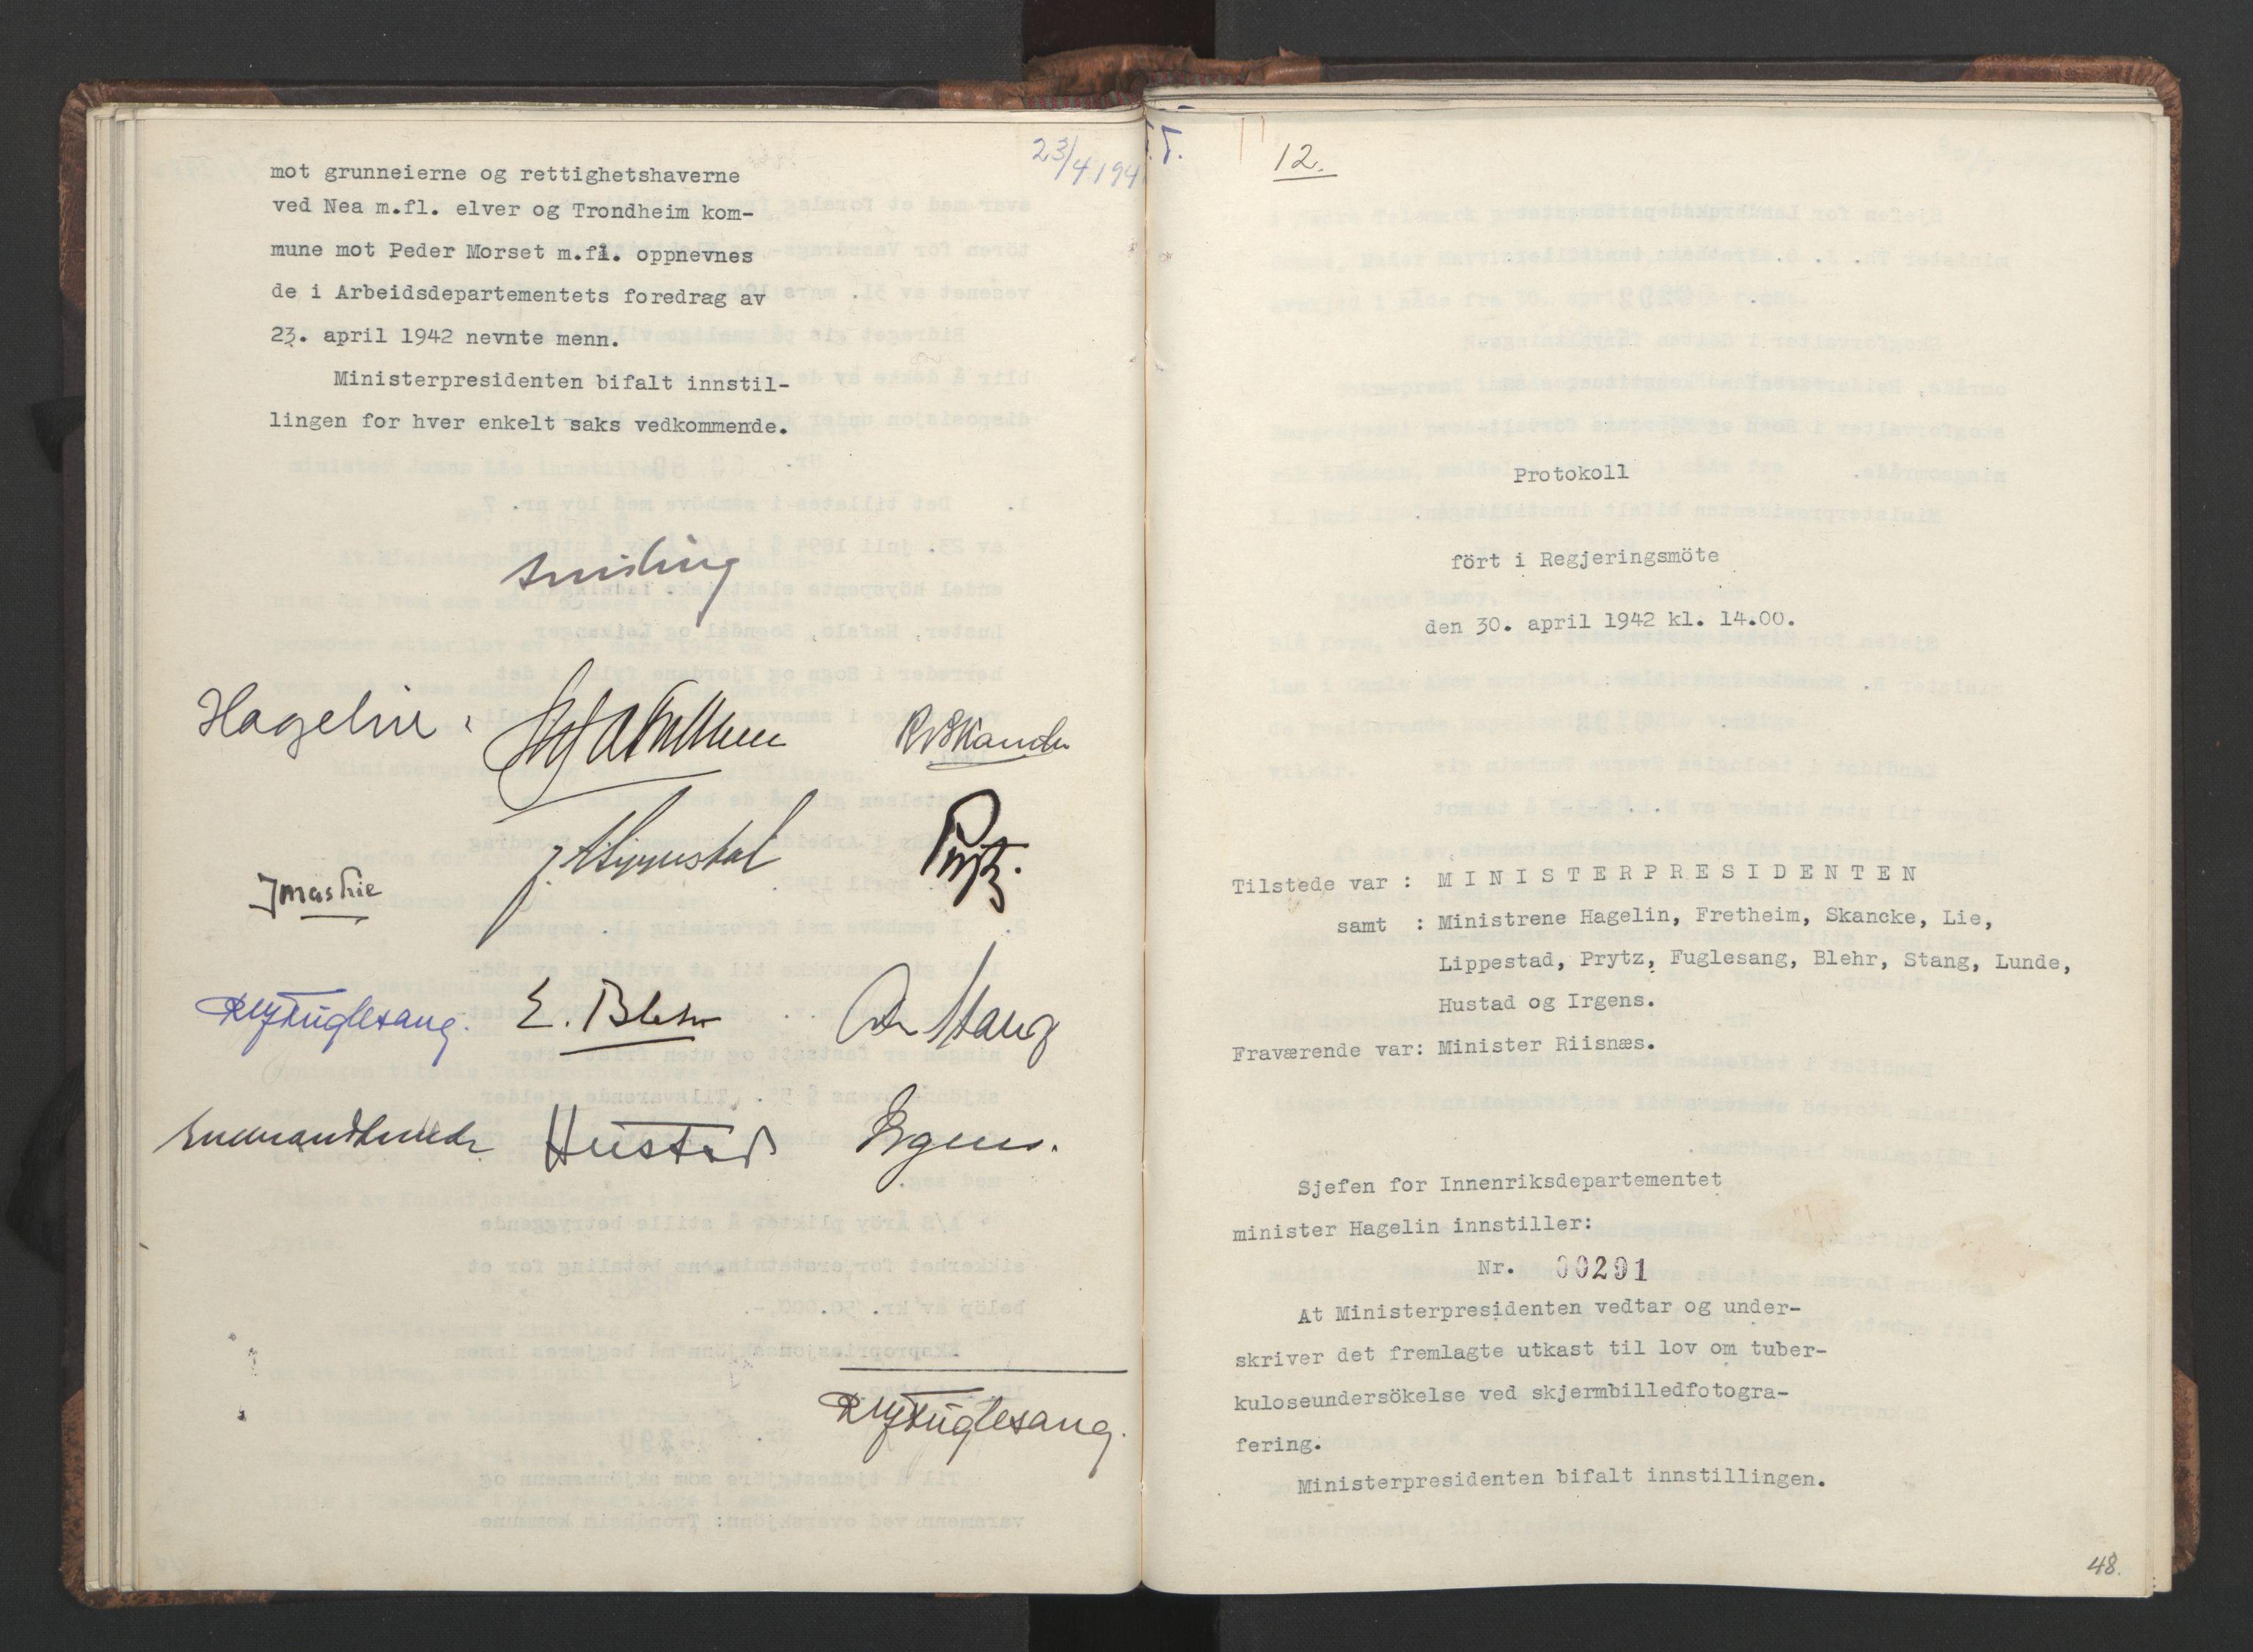 RA, NS-administrasjonen 1940-1945 (Statsrådsekretariatet, de kommisariske statsråder mm), D/Da/L0001: Beslutninger og tillegg (1-952 og 1-32), 1942, s. 47b-48a